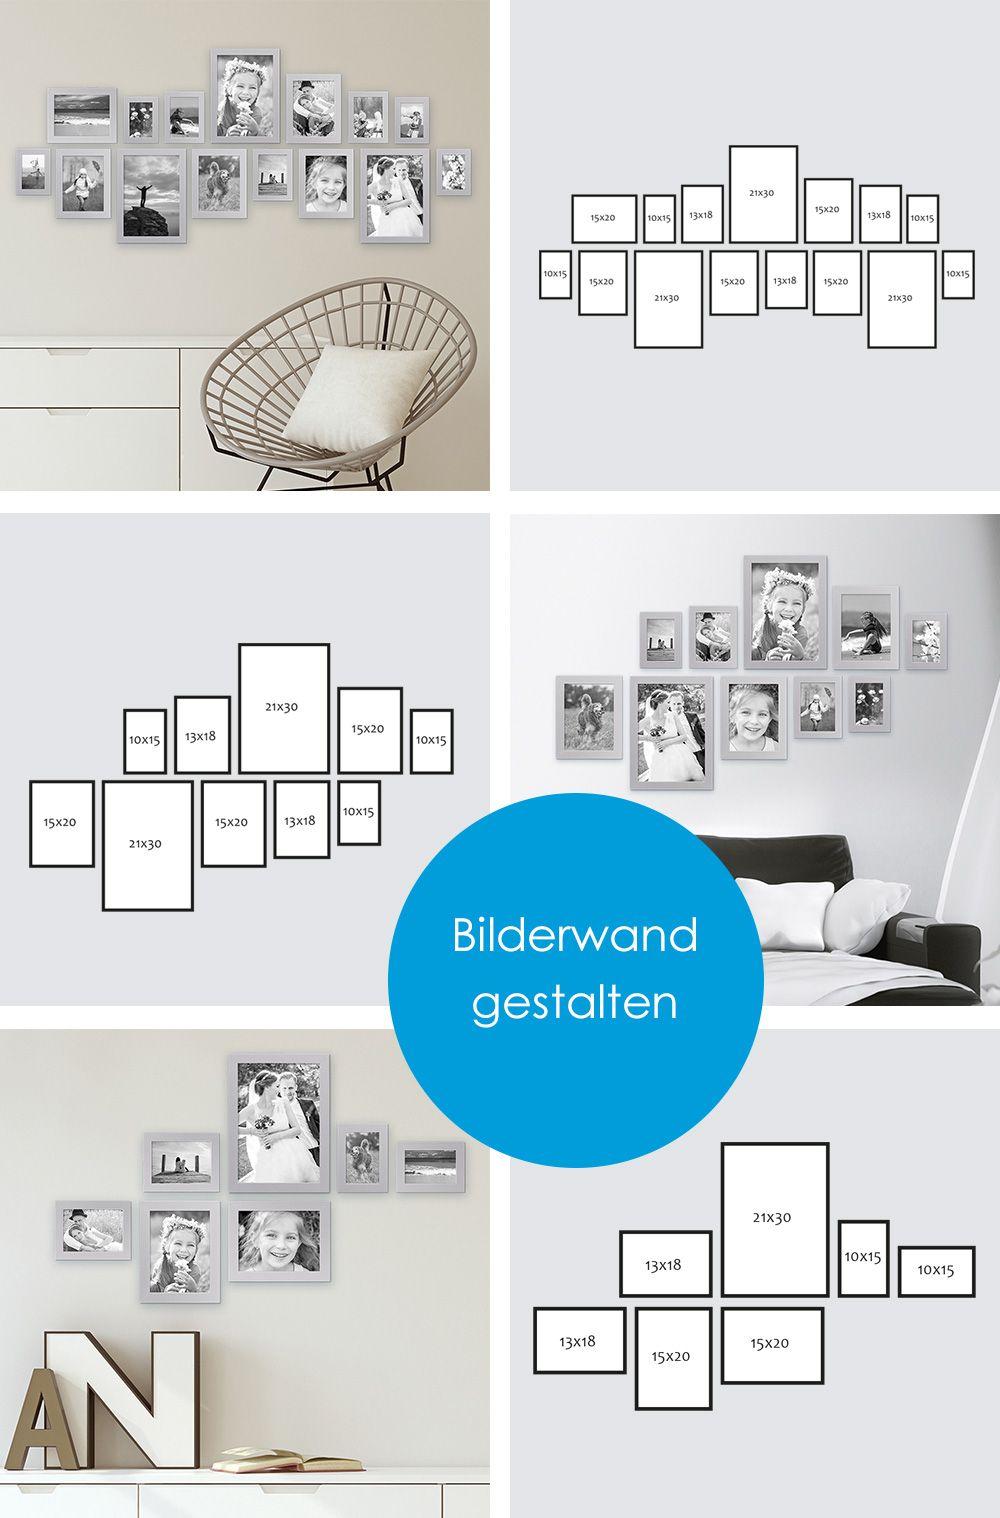 Bilderrahmen Sets & Bilder Collagen   Bestseller   PHOTOLINI ...